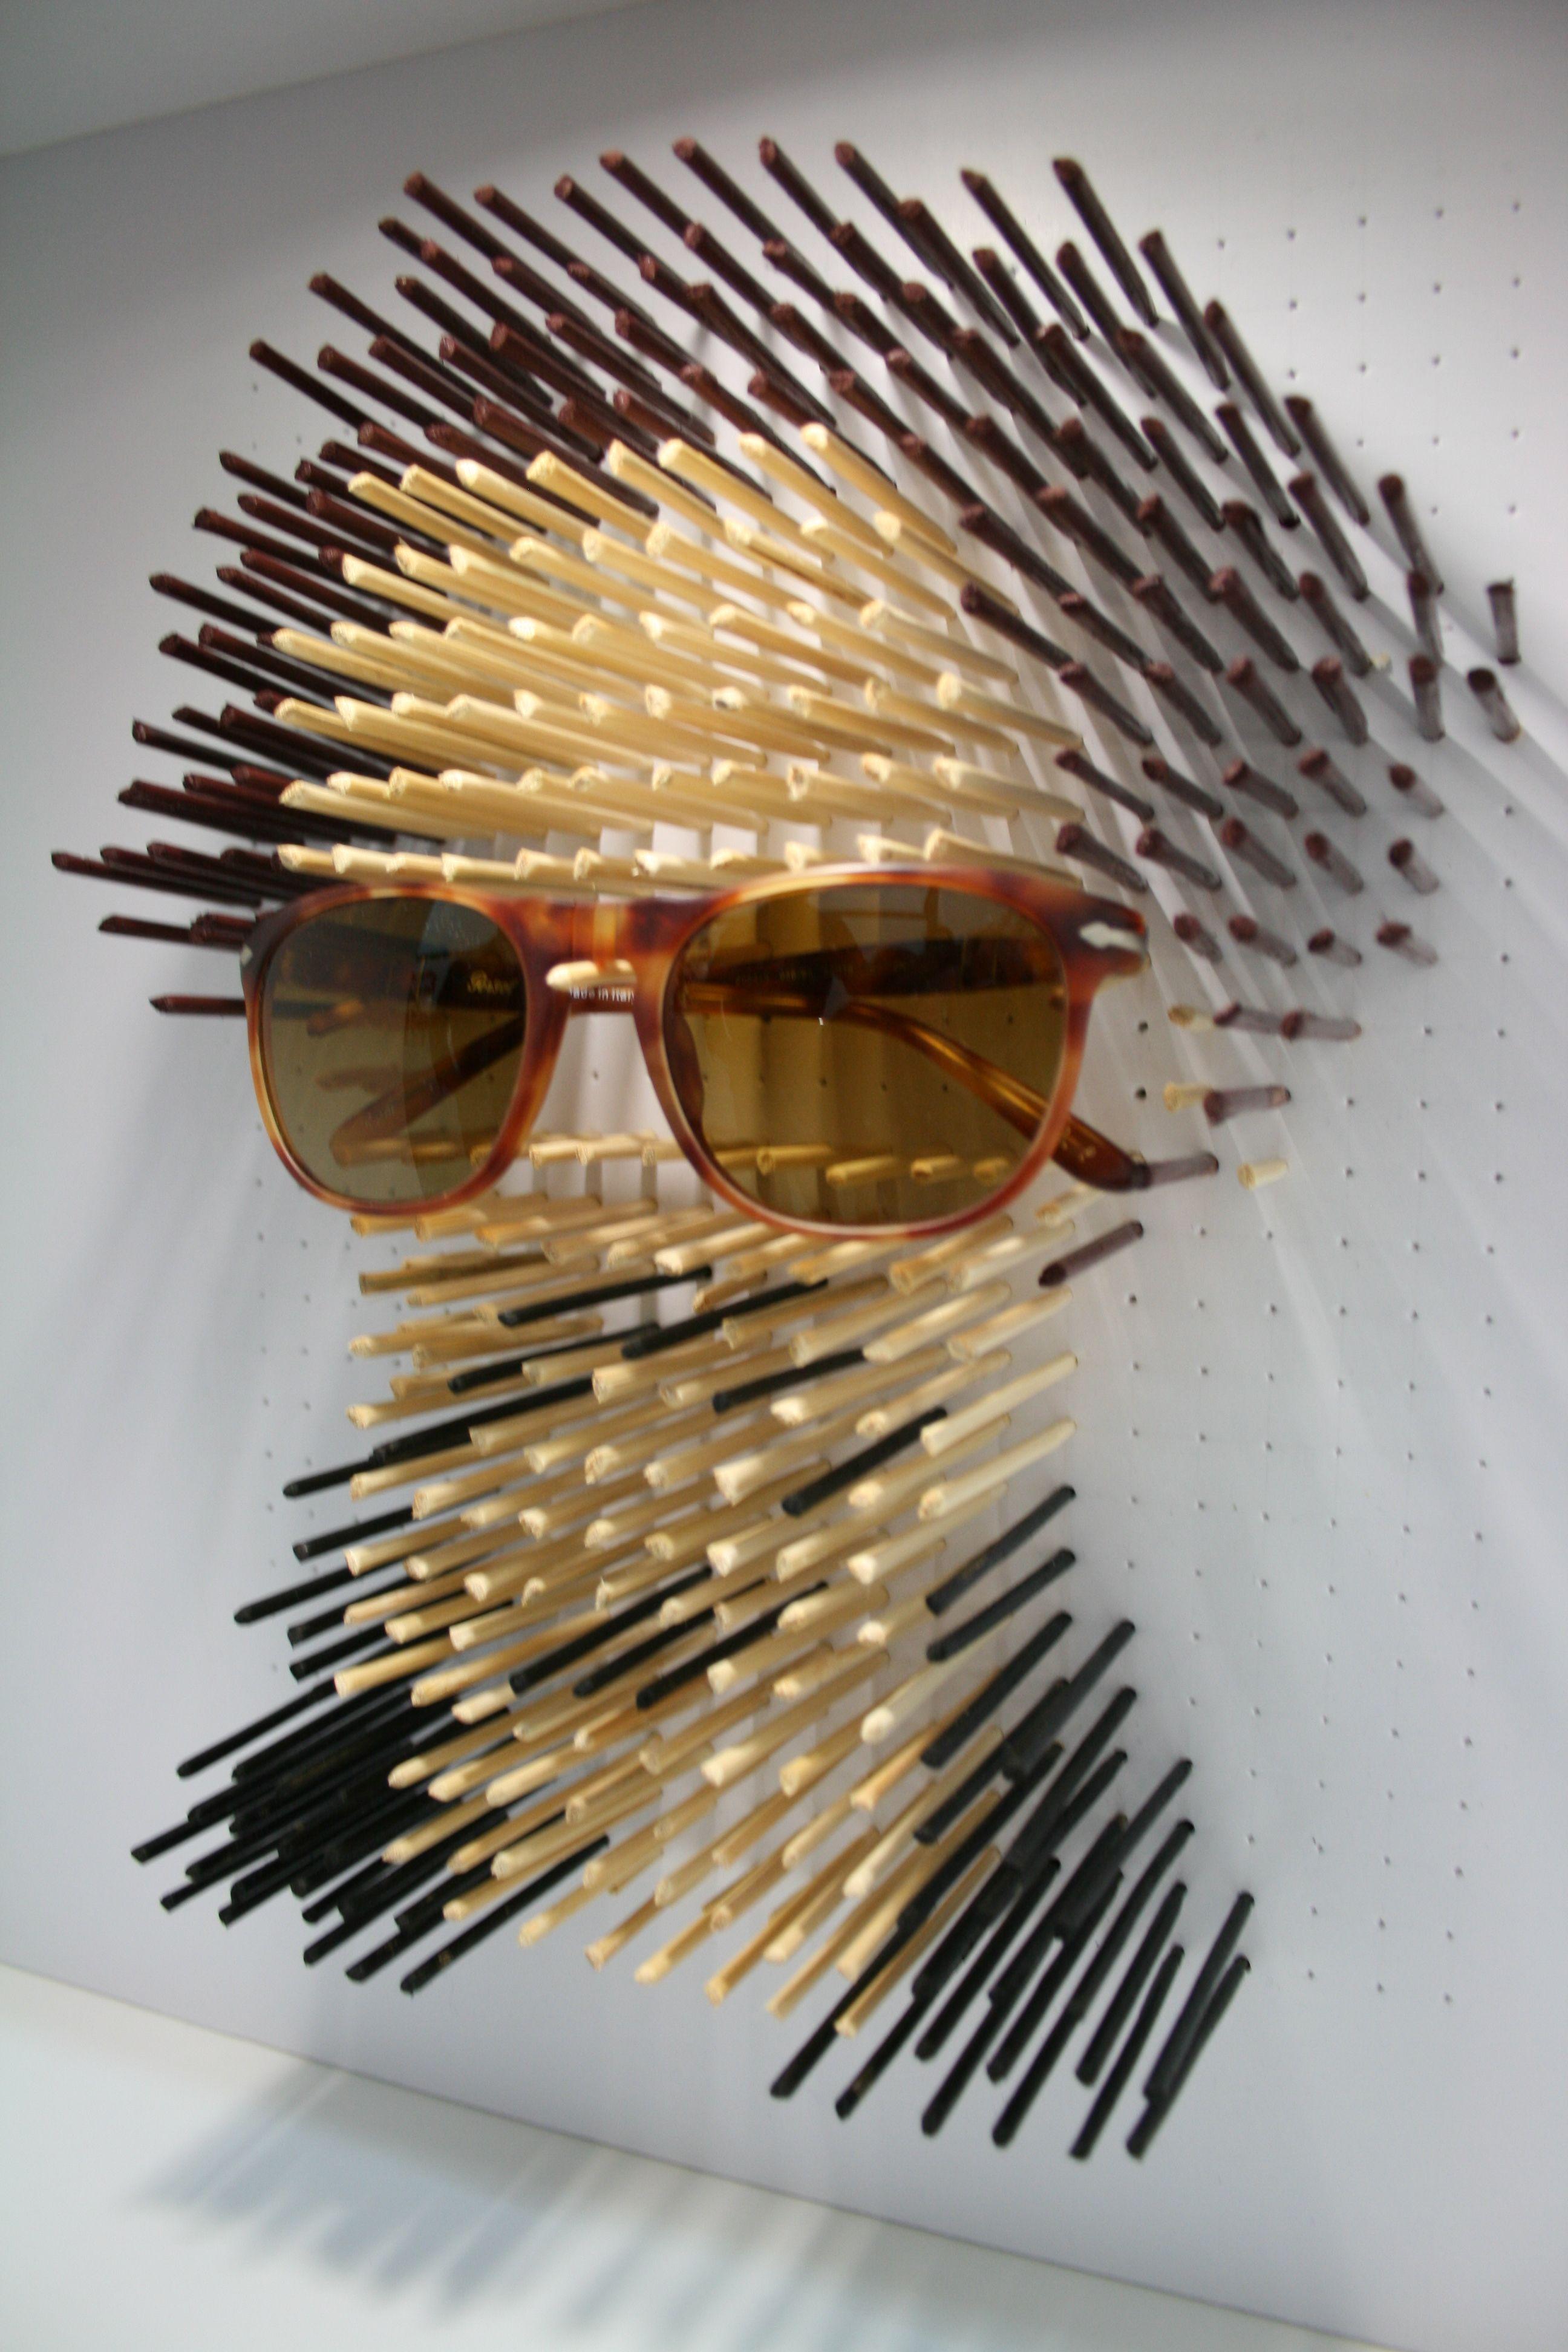 andrea  me parece un escaparate muy original donde simulan una cabeza con  palos de colores y exponen las gafas dadndole protagonismo c3f55718e8